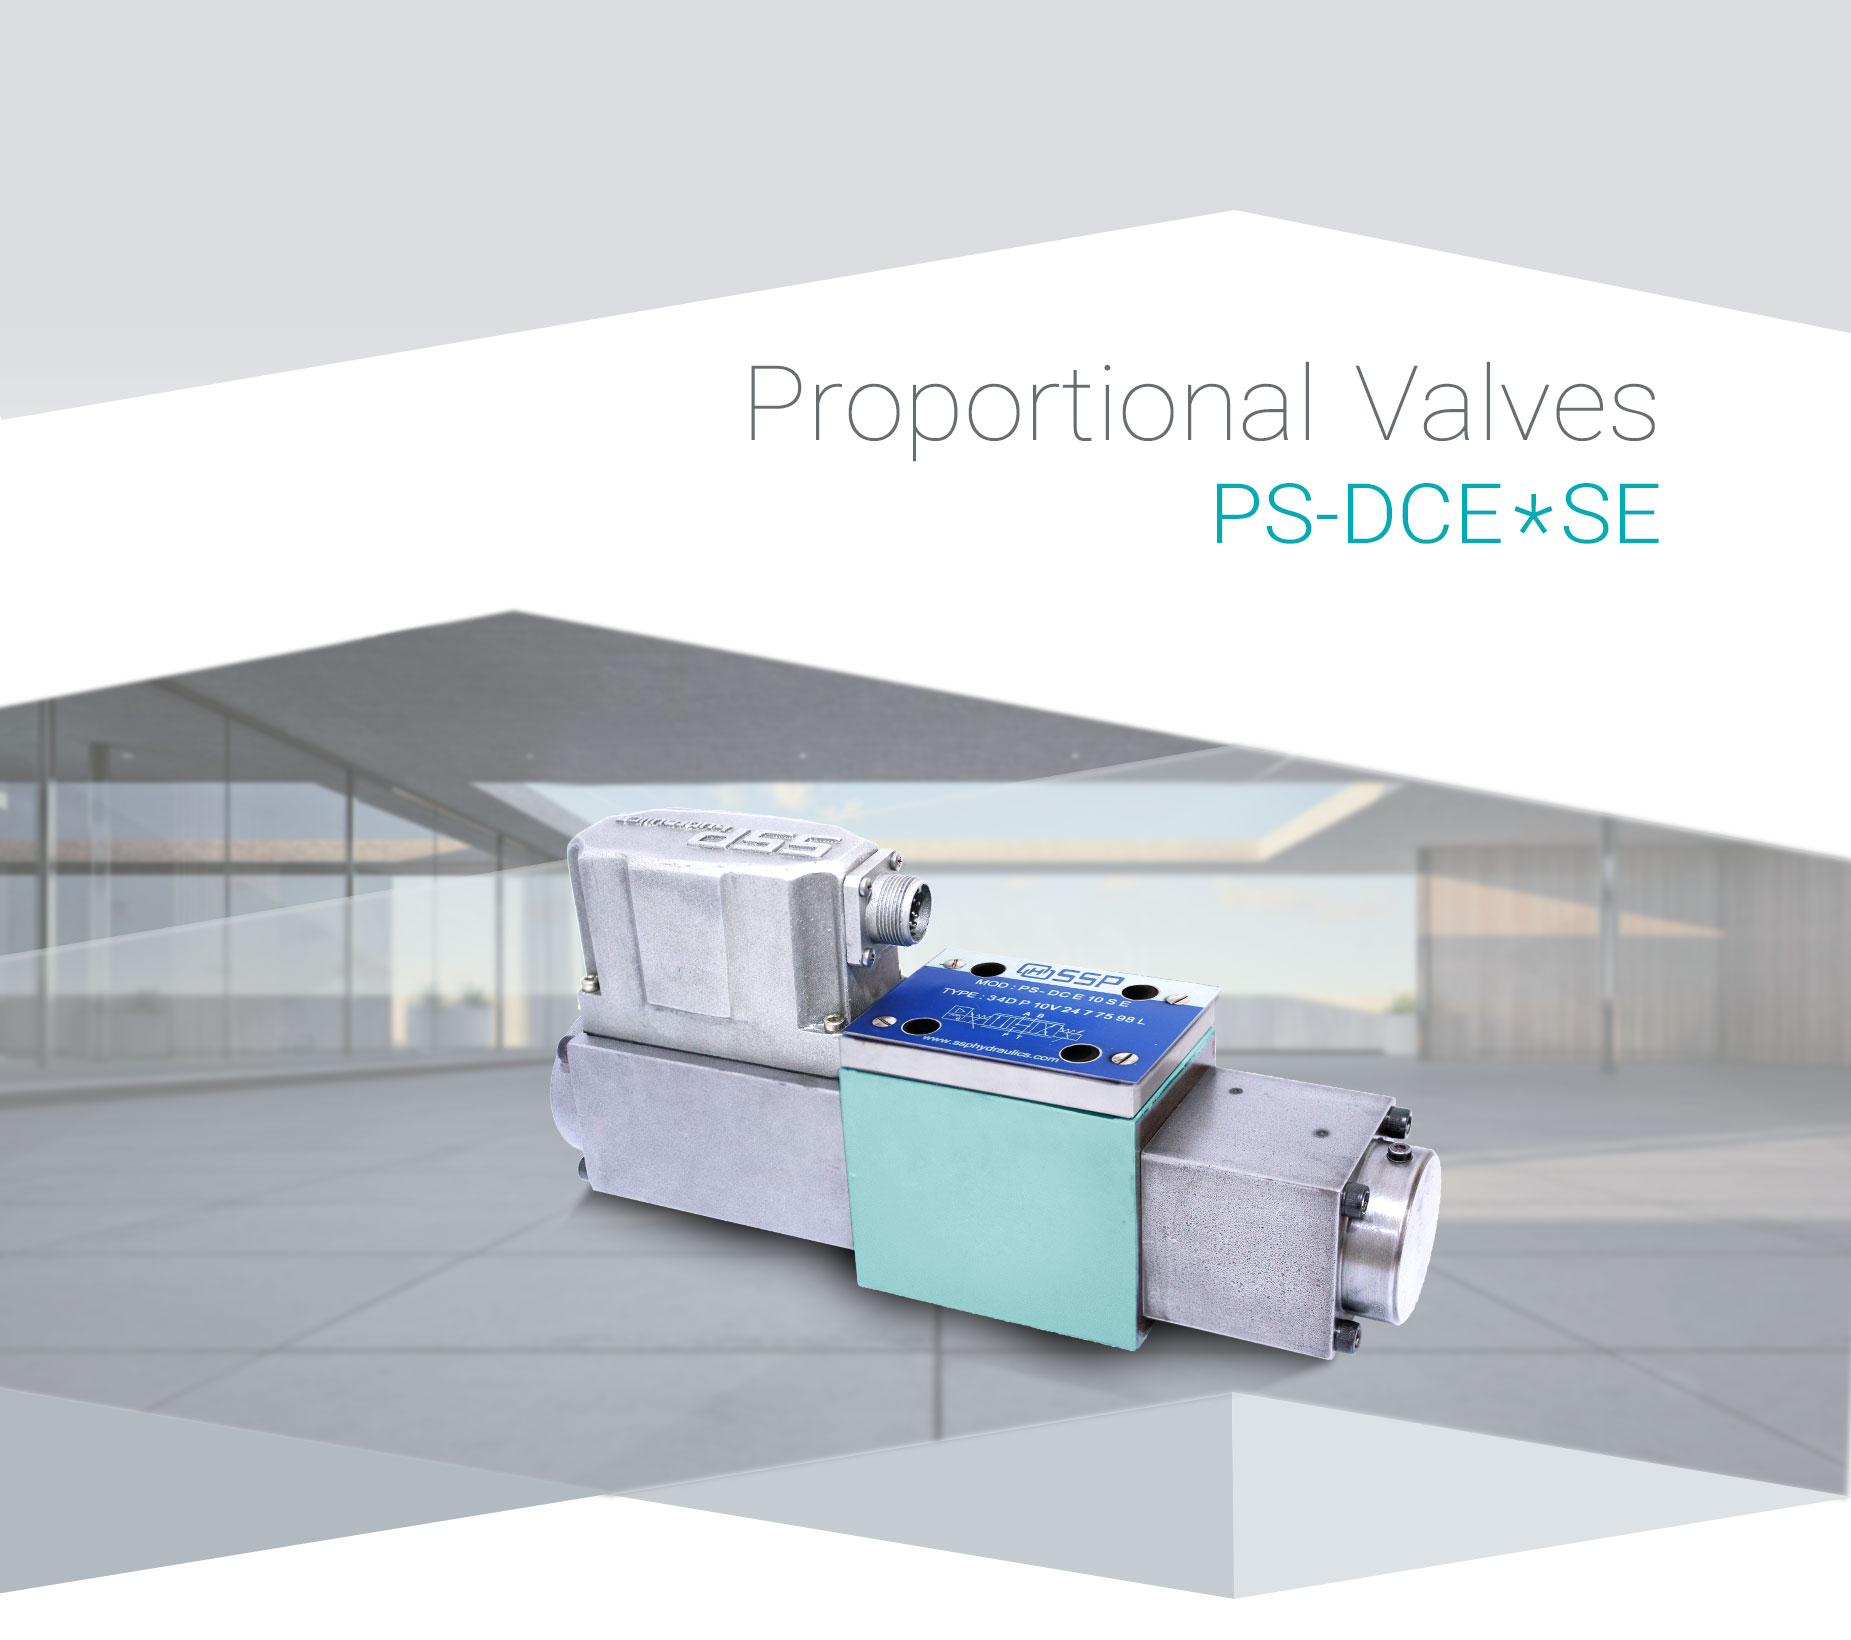 Ps-DCE10SE-(1)